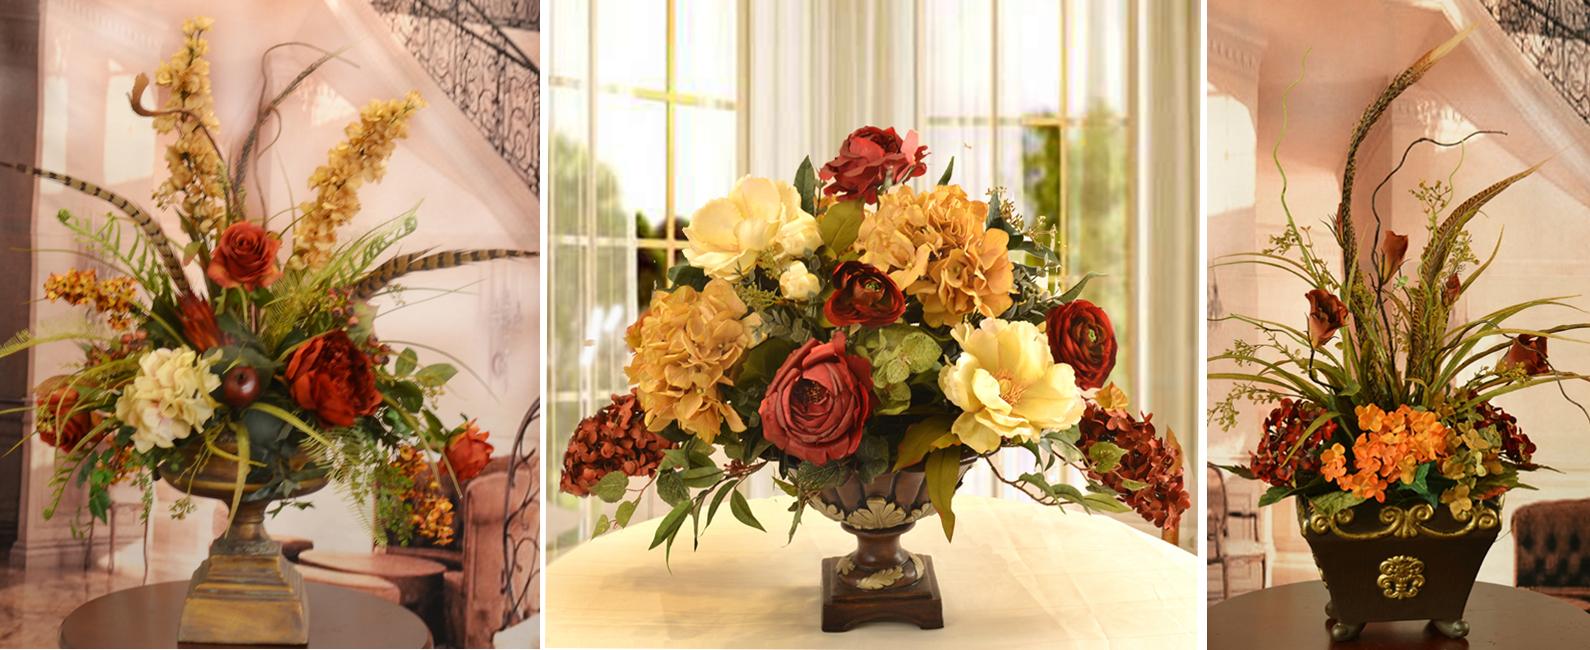 Floral Home Decor Silk Rose Arrangements Tulip Floral Arrangements